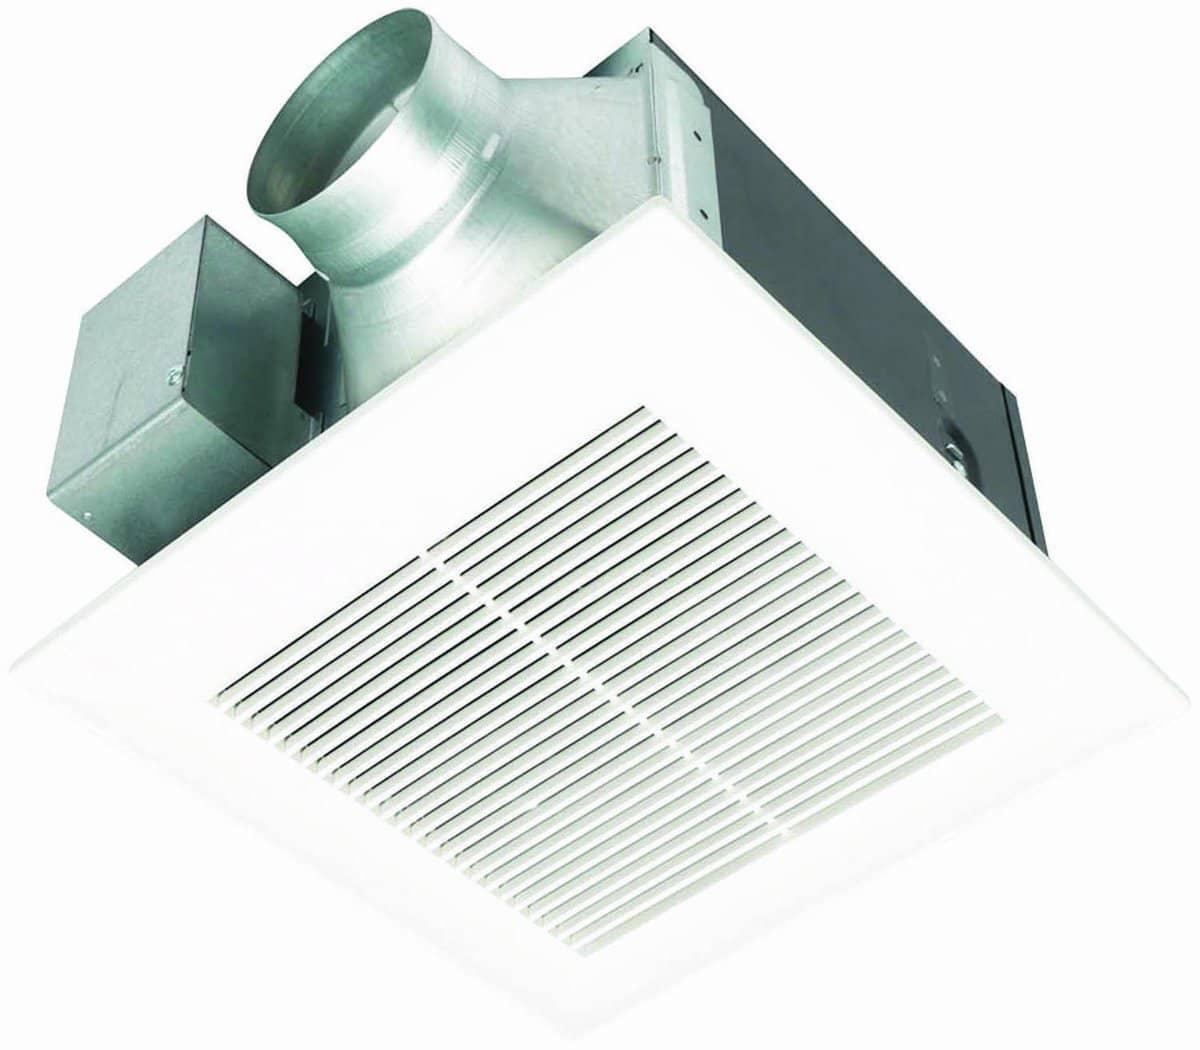 10 Best Ventilation Fans